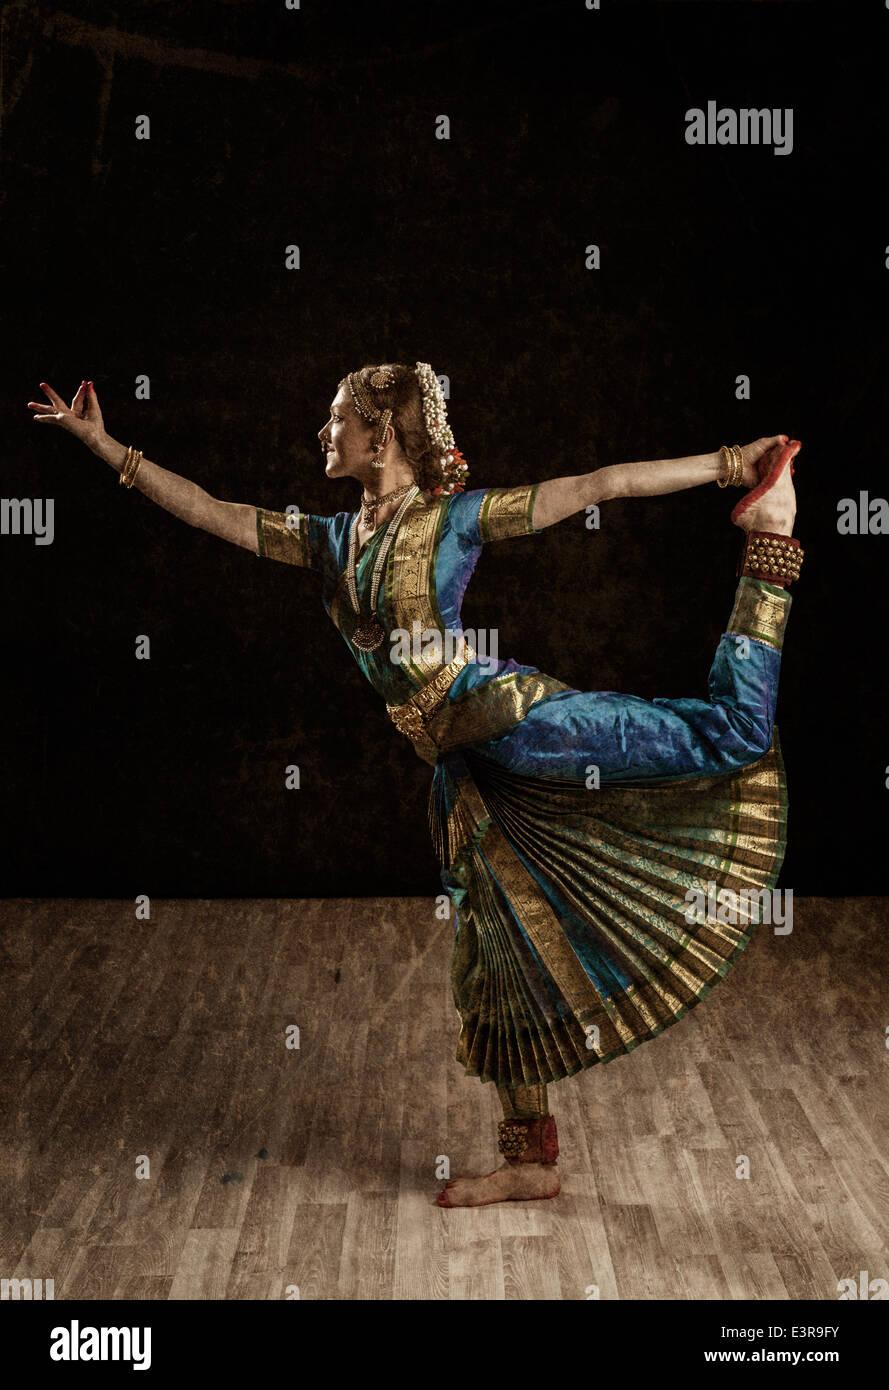 Vintage stile retrò immagine della giovane donna bellissima ballerina esponente della classica indiana Bharatanatyam Immagini Stock